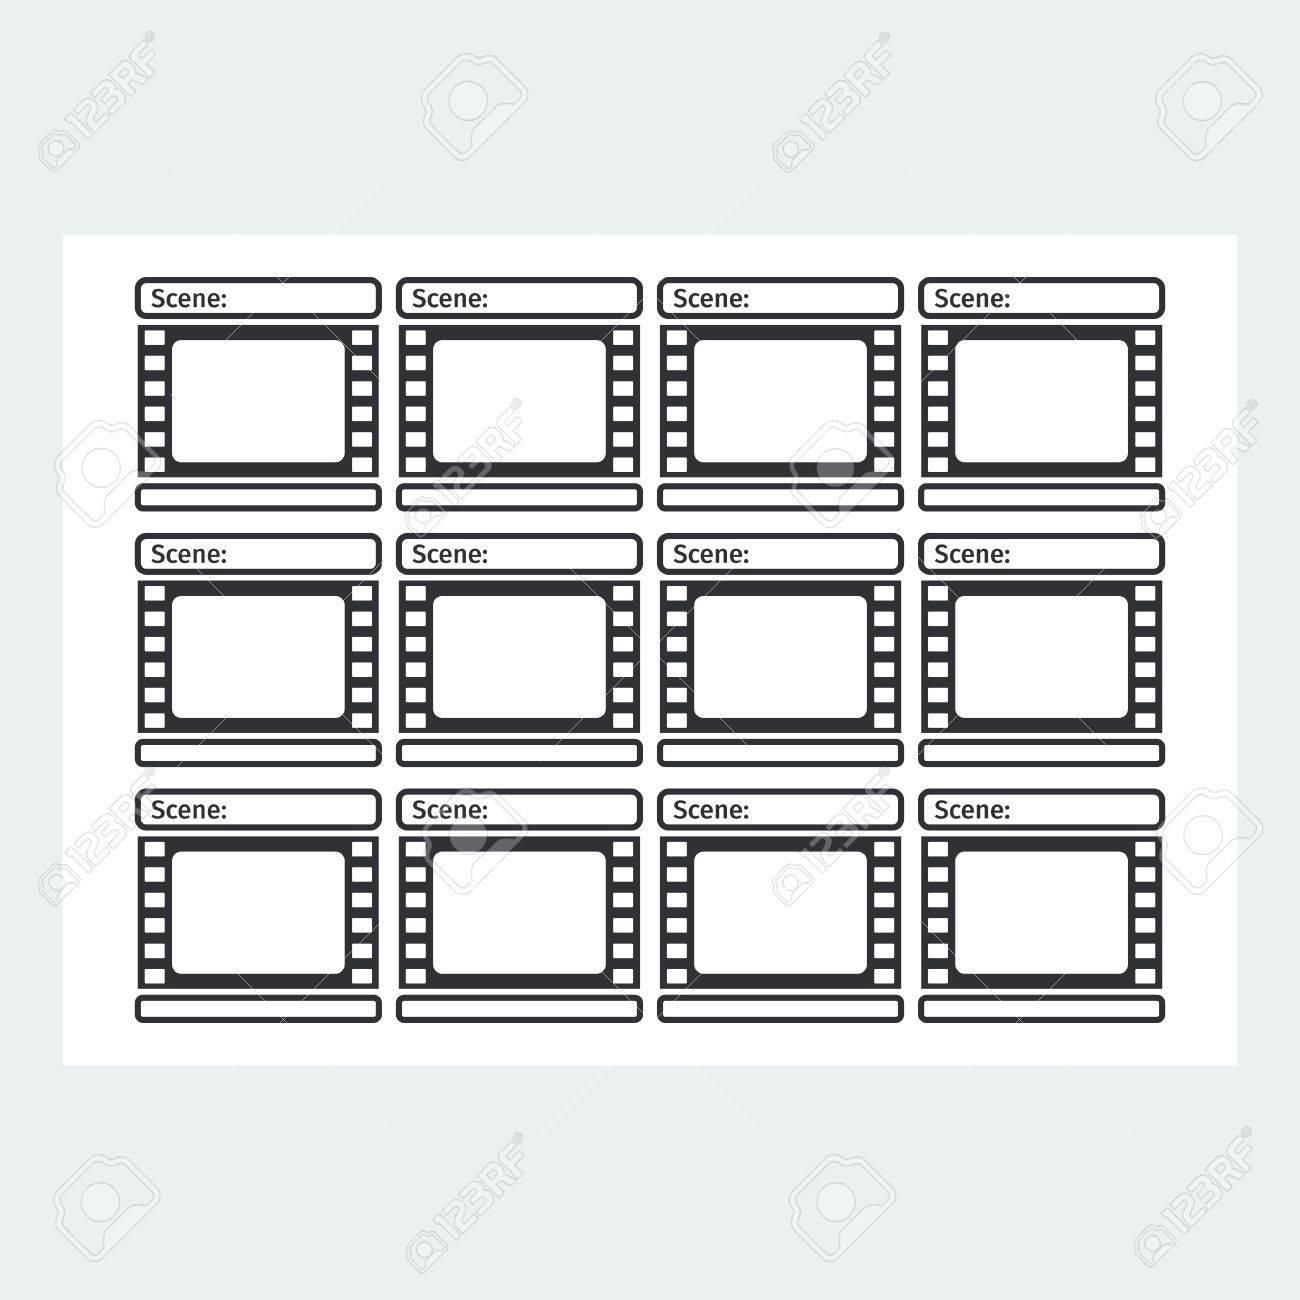 Modele De Storyboard Sous La Forme D Un Film Scenario Pour La Production Des Medias Illustration Vectorielle De Dessin Anime Plat Objets Isoles Sur Un Fond Blanc Clip Art Libres De Droits